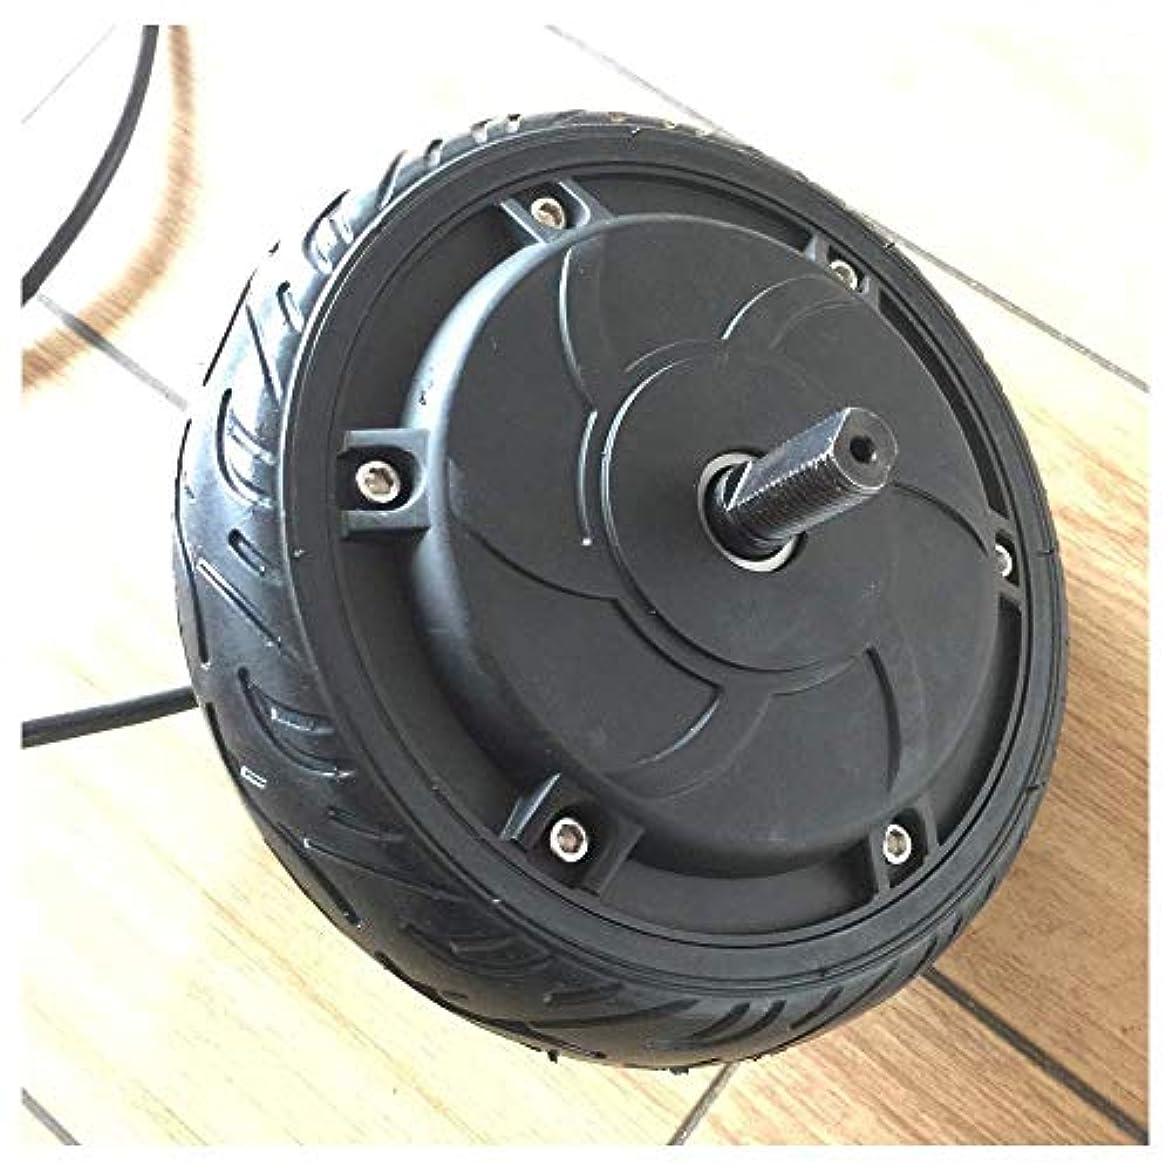 とても情熱ケーキ電動スクーターアクセサリー、6-6.5インチ36vブラシレスDcモーター、ホール電子ブレーキ、アンチスキッドタイヤを装備、スクータードライブモーターの交換に最適